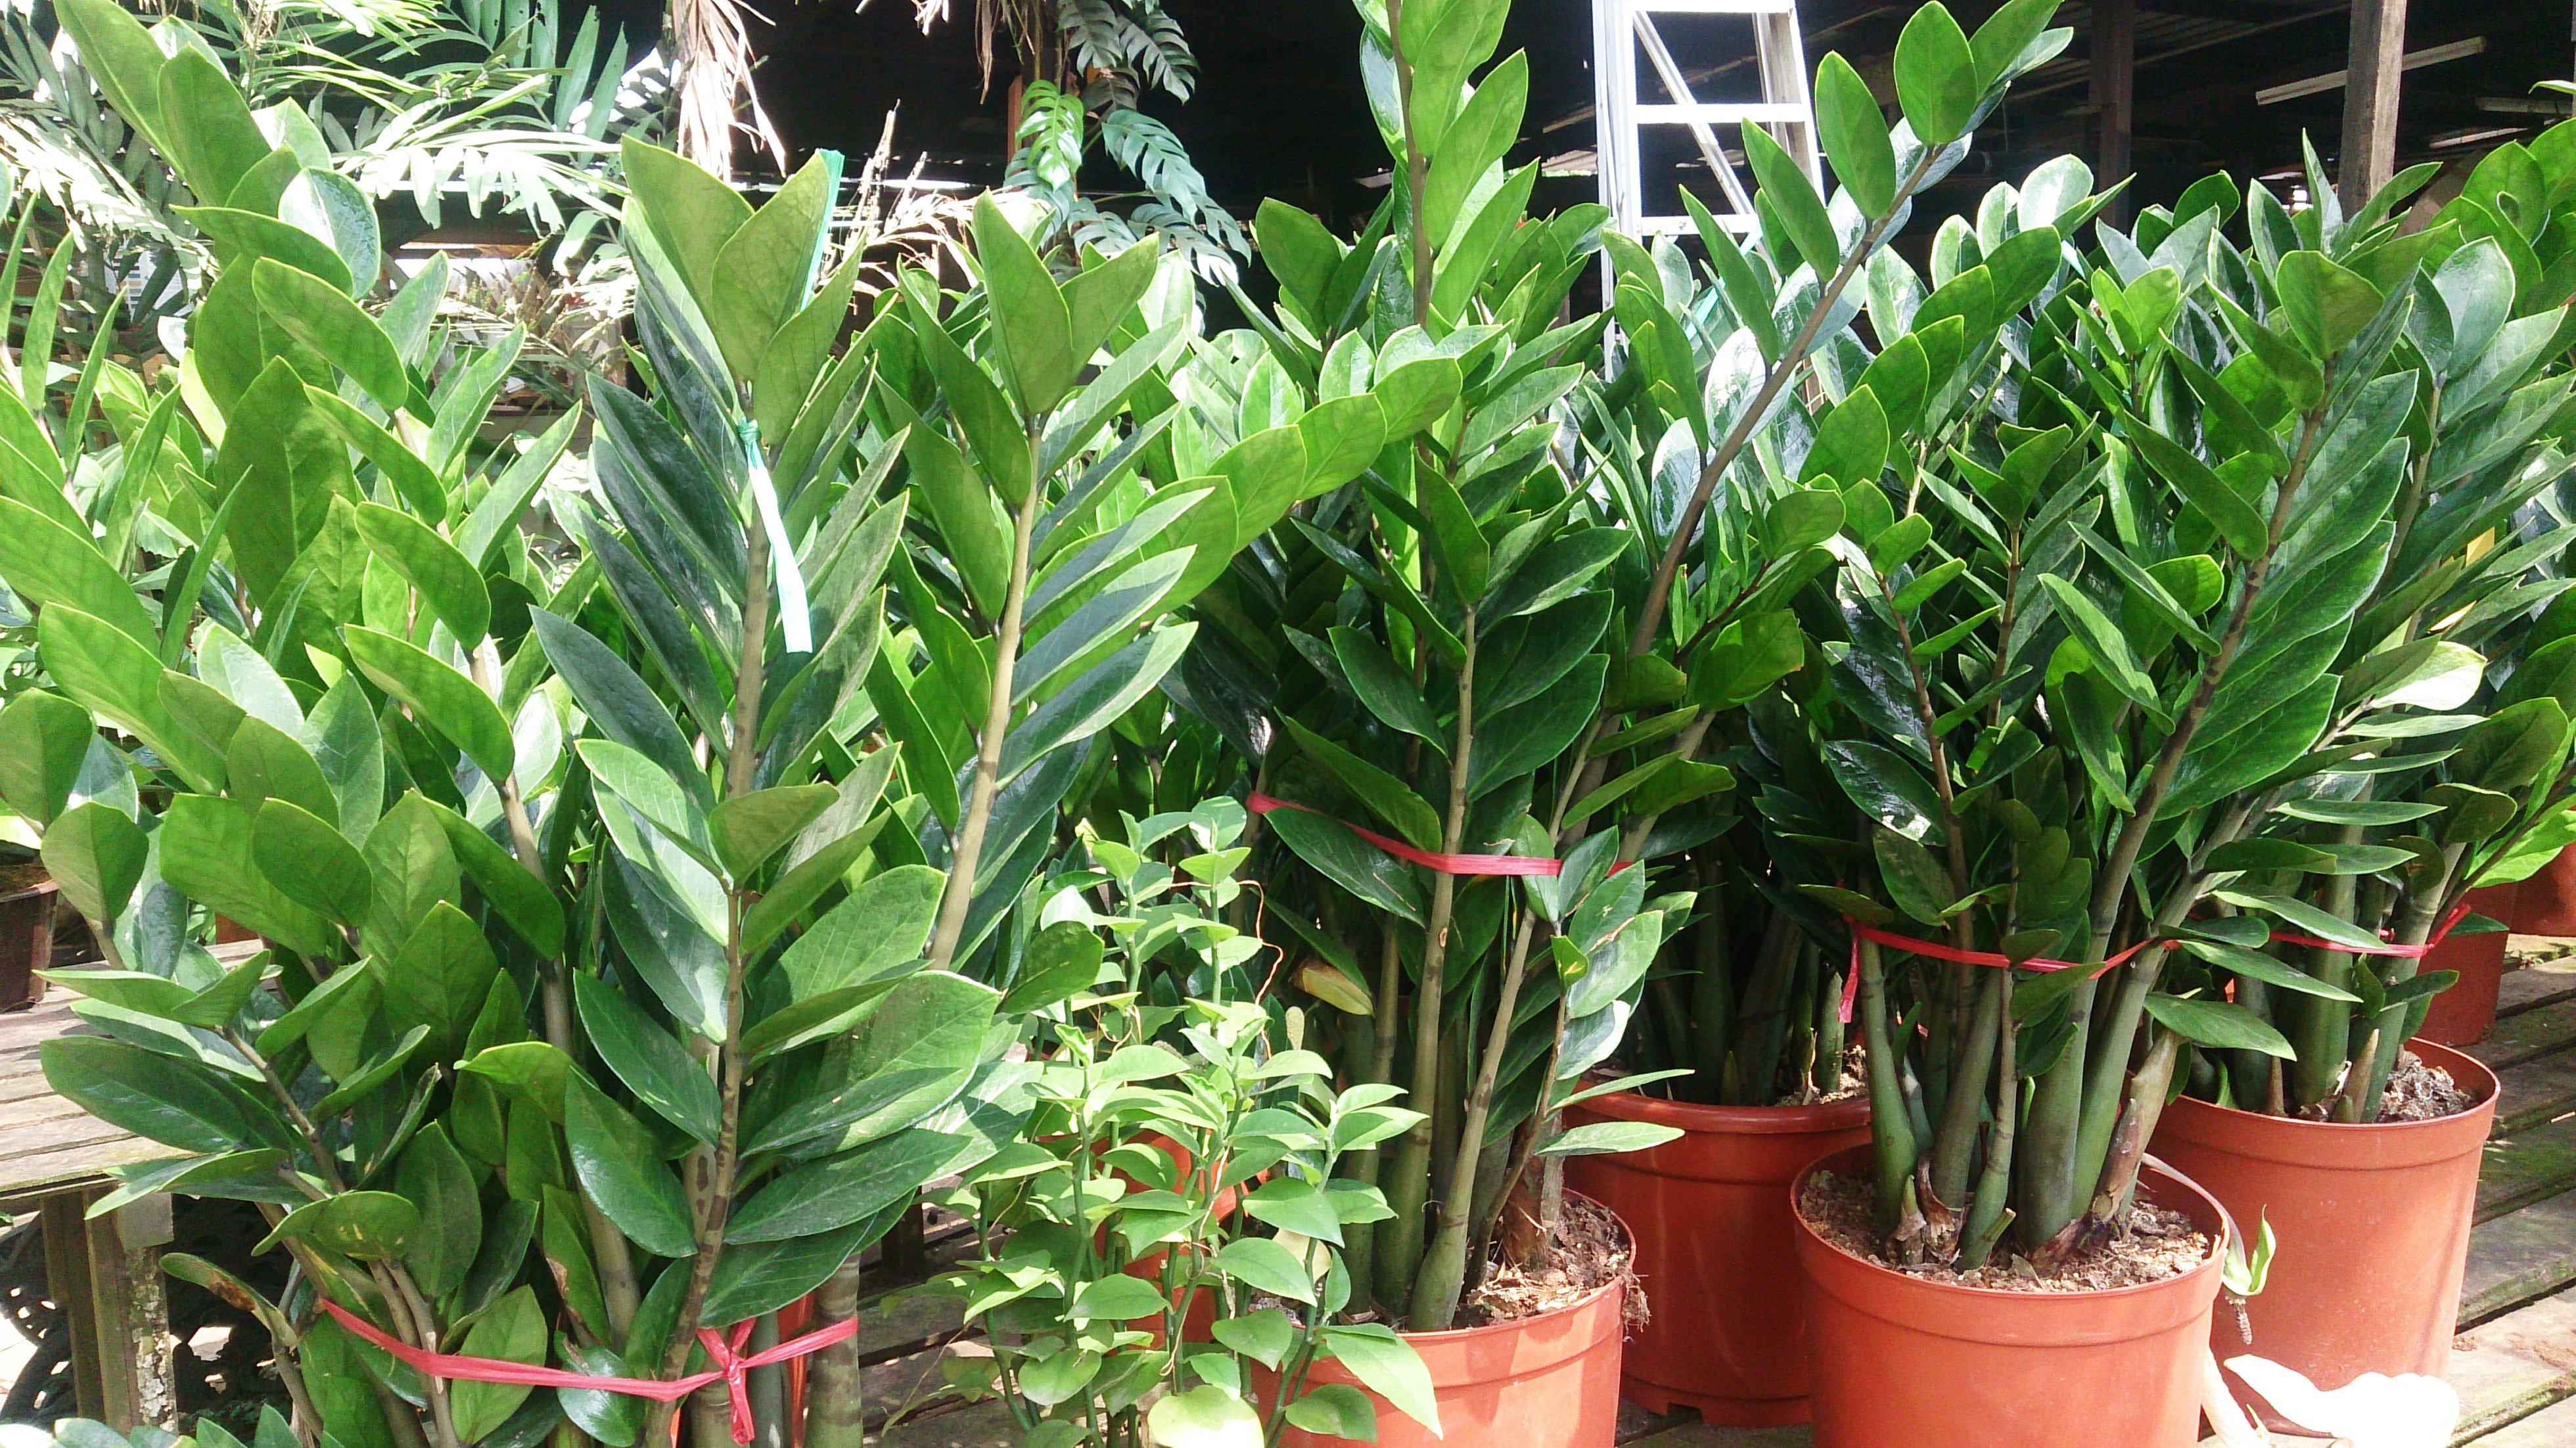 ZZ Plant Zamioculcas zamiifolia - گیاهان مناسب اپارتمان با شرایط نگهداری آسان